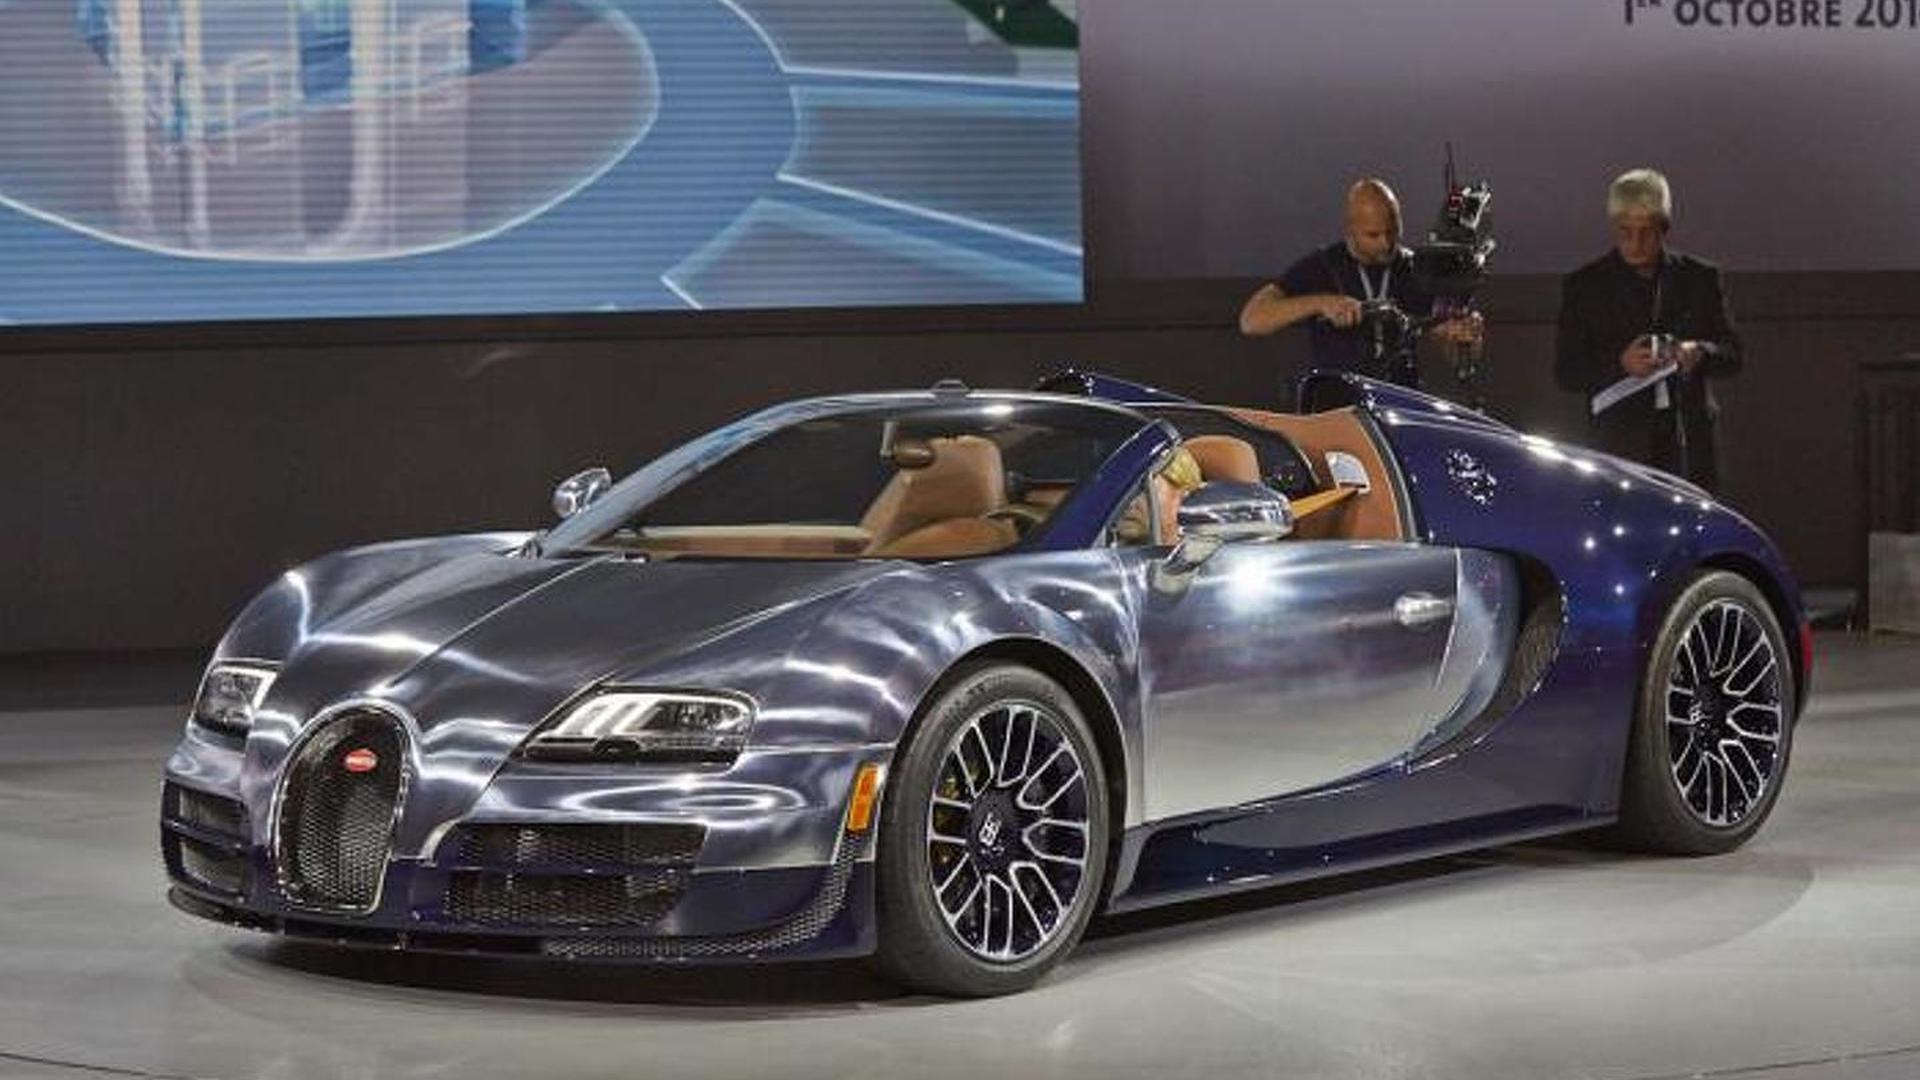 2014-509517-bugatti-veyron-grand-sport-vitesse-ettore-bugatti-special-edition-at-volkswage1 Extraordinary Bugatti Veyron Grand Sport Vitesse Cars Trend